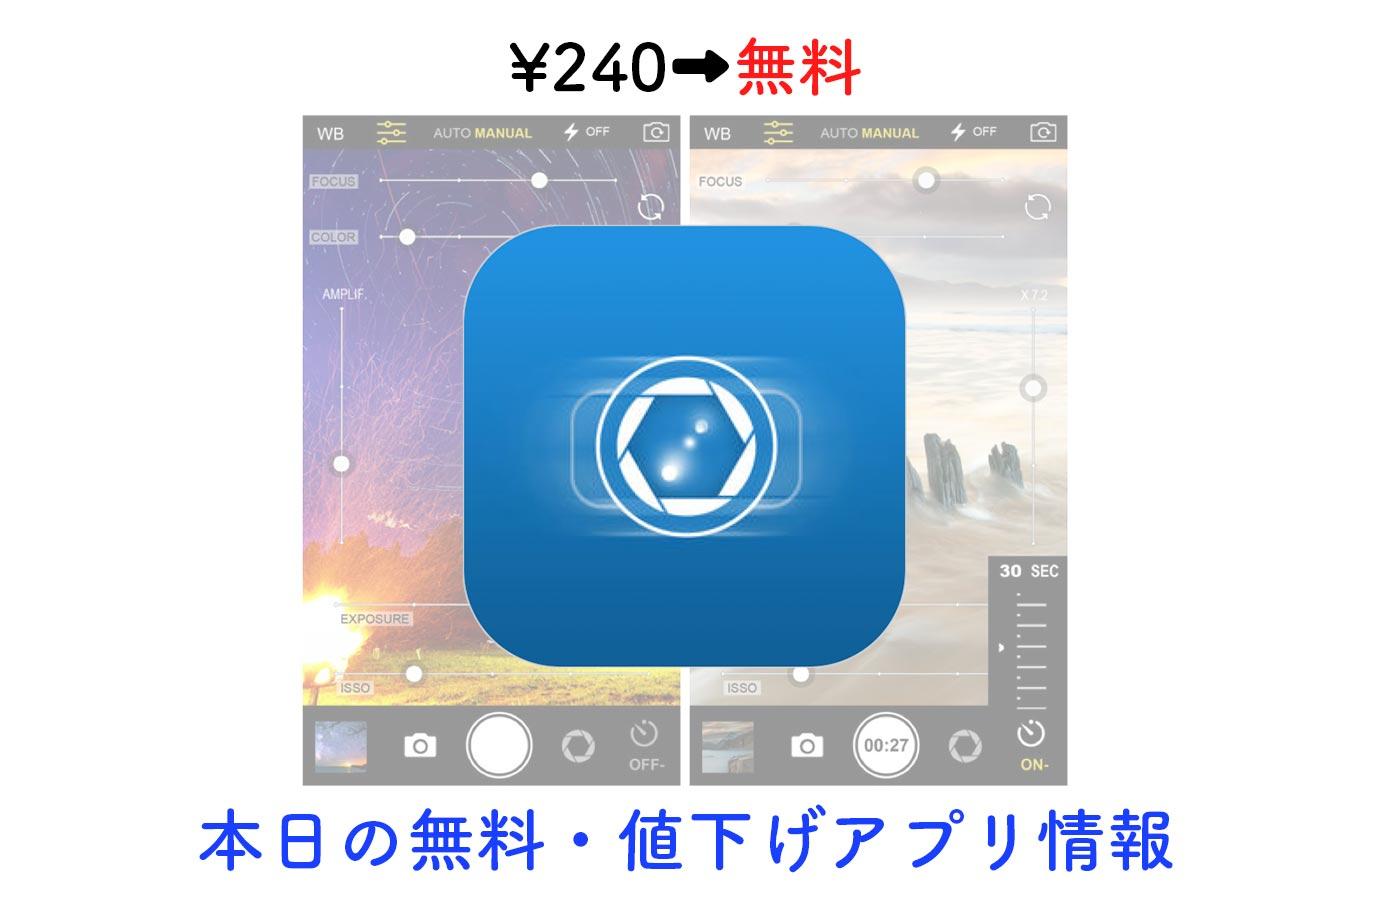 ¥240→無料、スーパースローシャッターモードなども搭載した「Manual Camera Pro Slow Shutter」など【11/29】本日の無料・値下げアプリ情報